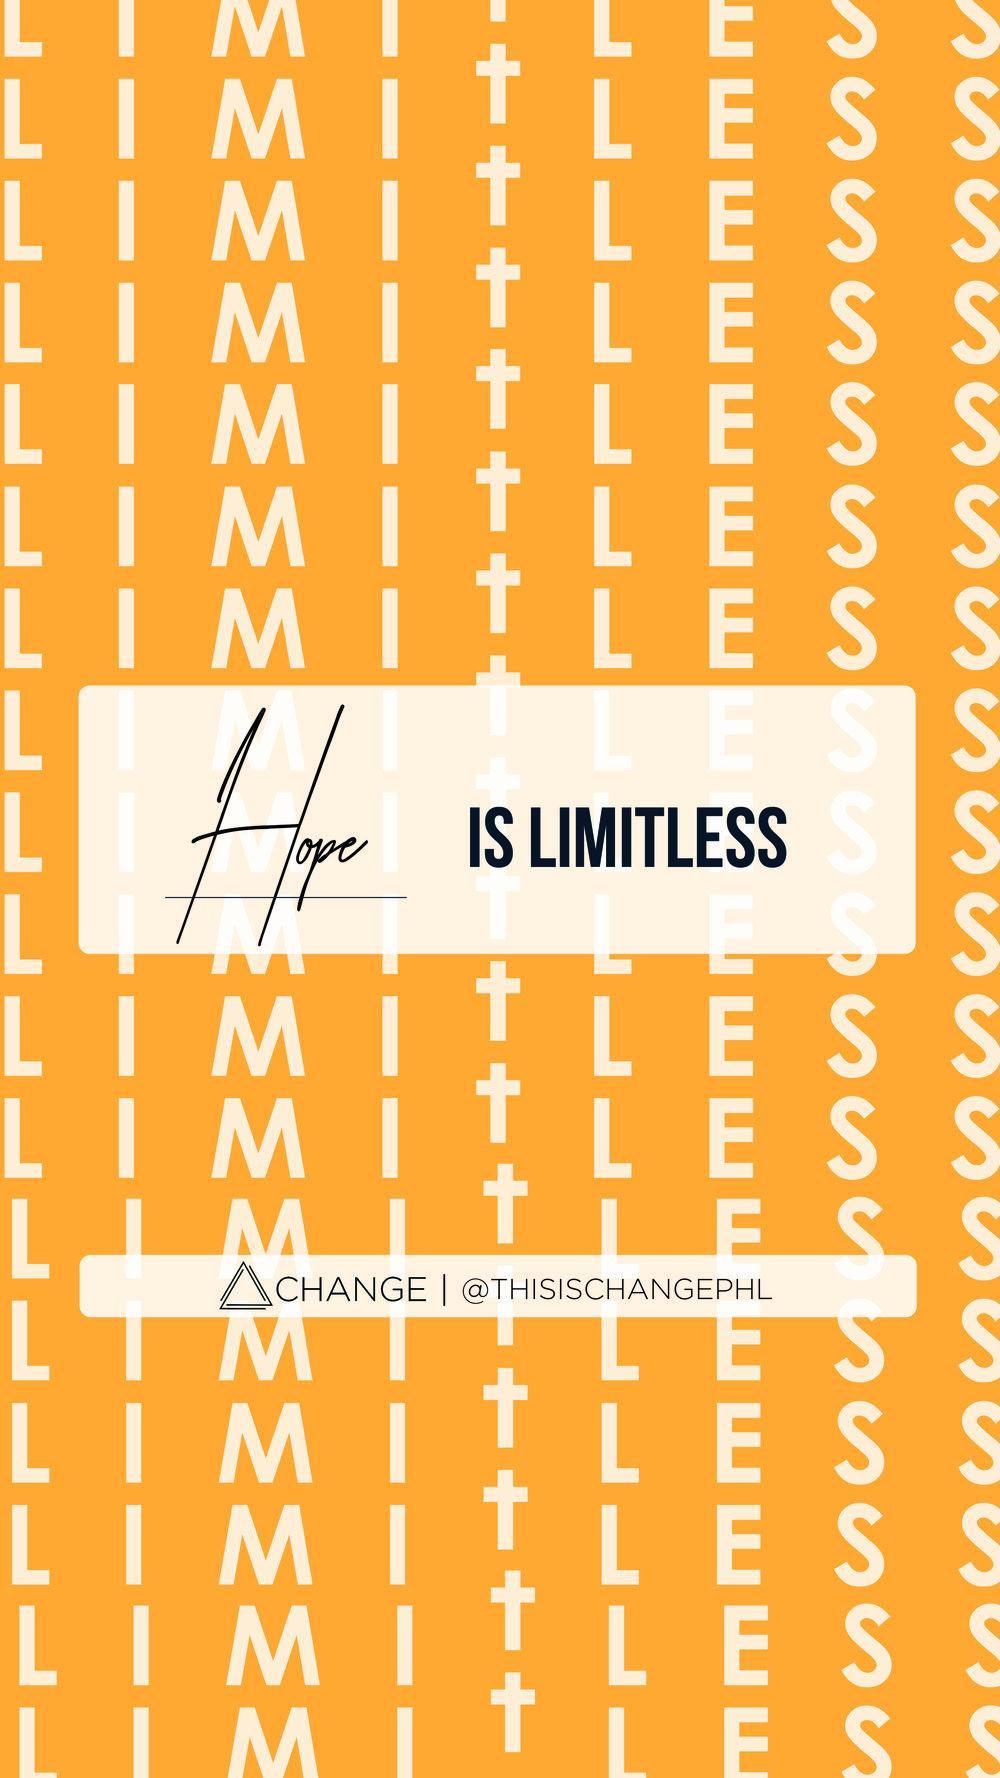 Limitless stories-08.jpg